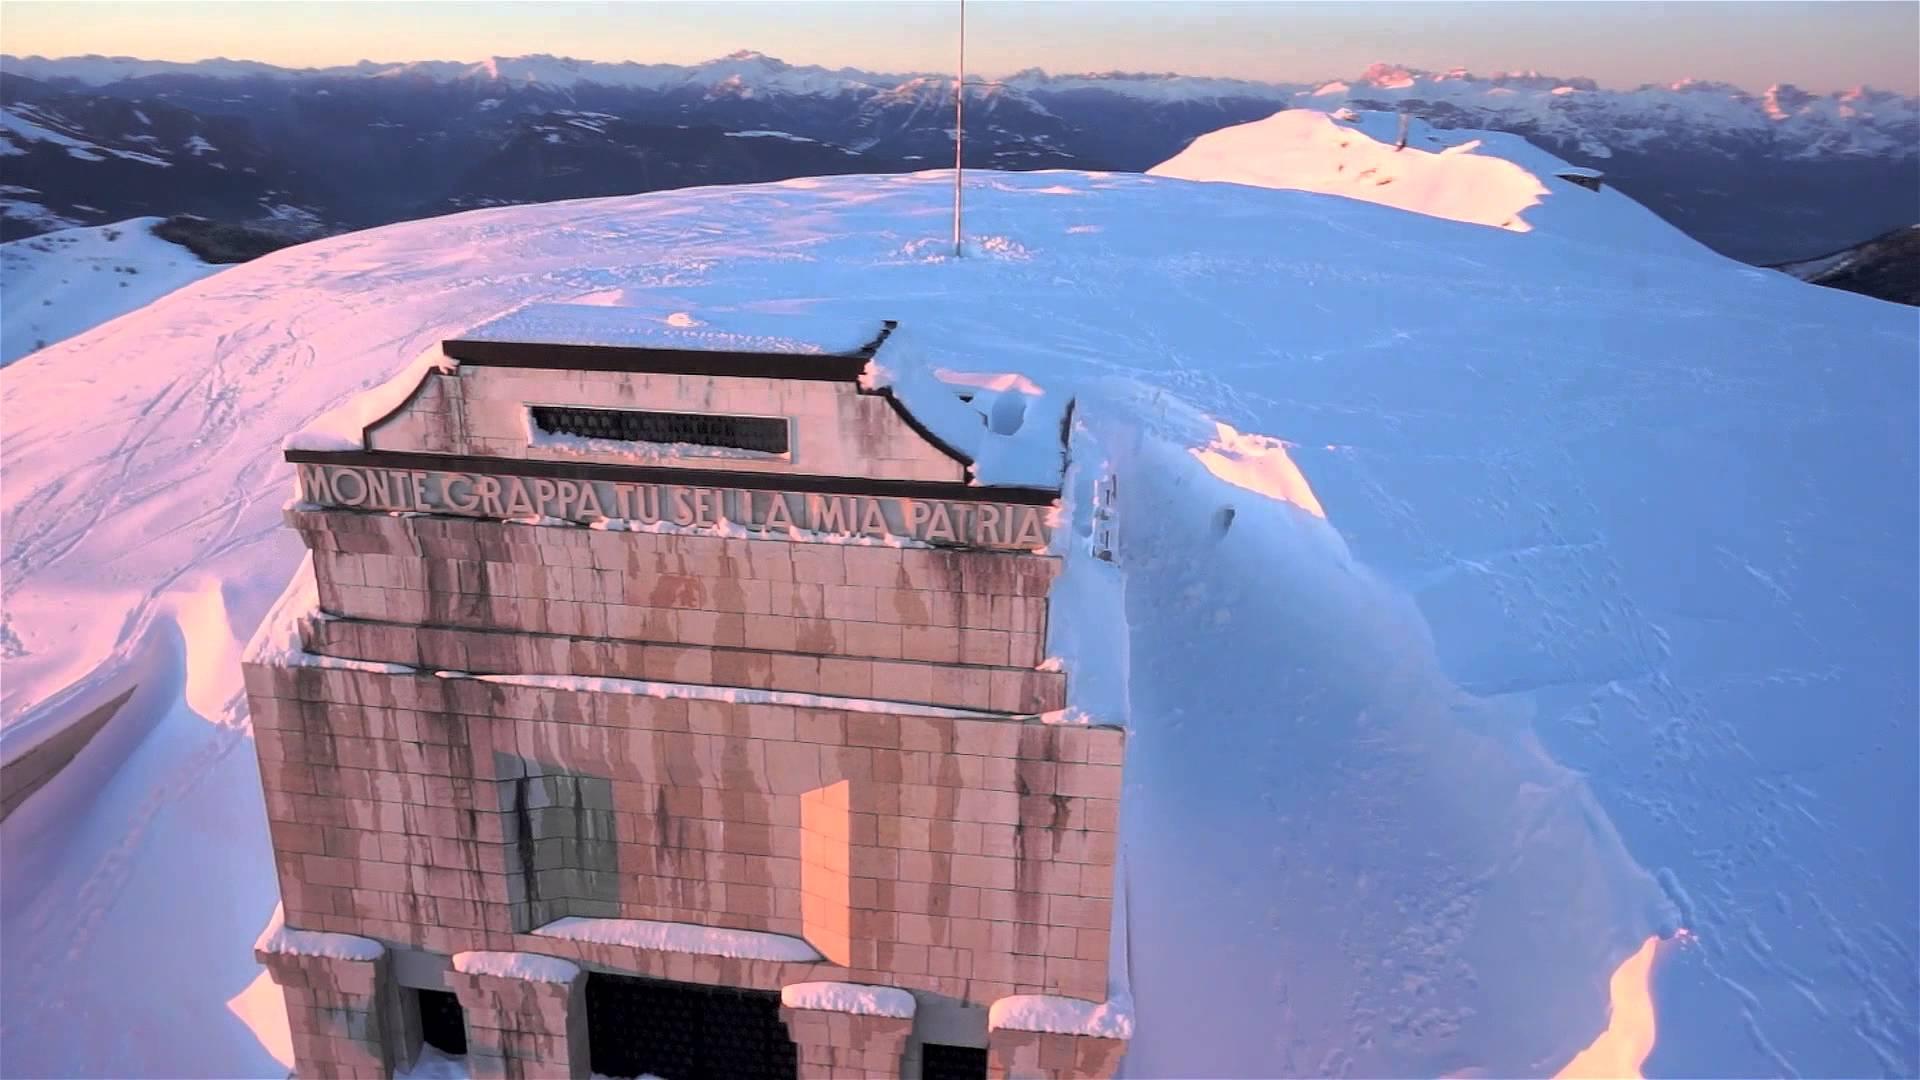 Domenica 12 febbraio – Ciaspolata sull'Alta via degli Erori, da Cima Grappa al Col dell'Orso